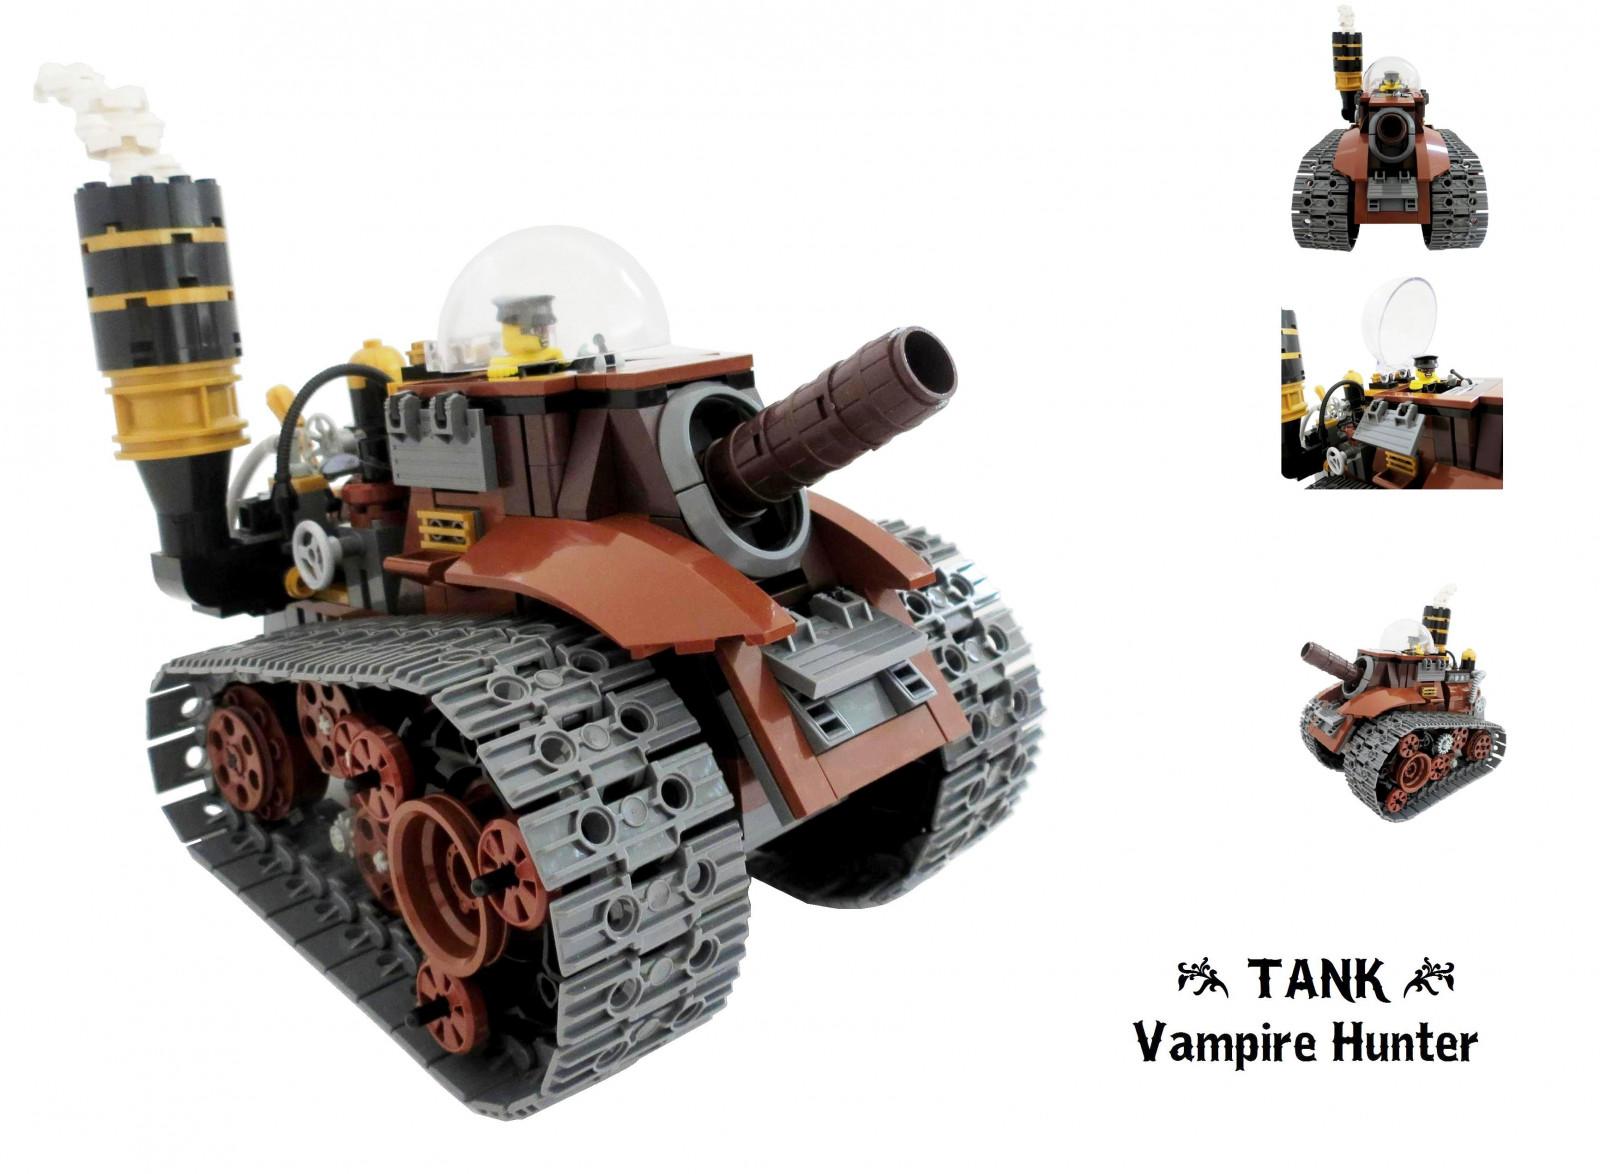 fond d 39 cran robot r servoir lego steampunk jouet machine chasseur vapeur carboniser. Black Bedroom Furniture Sets. Home Design Ideas